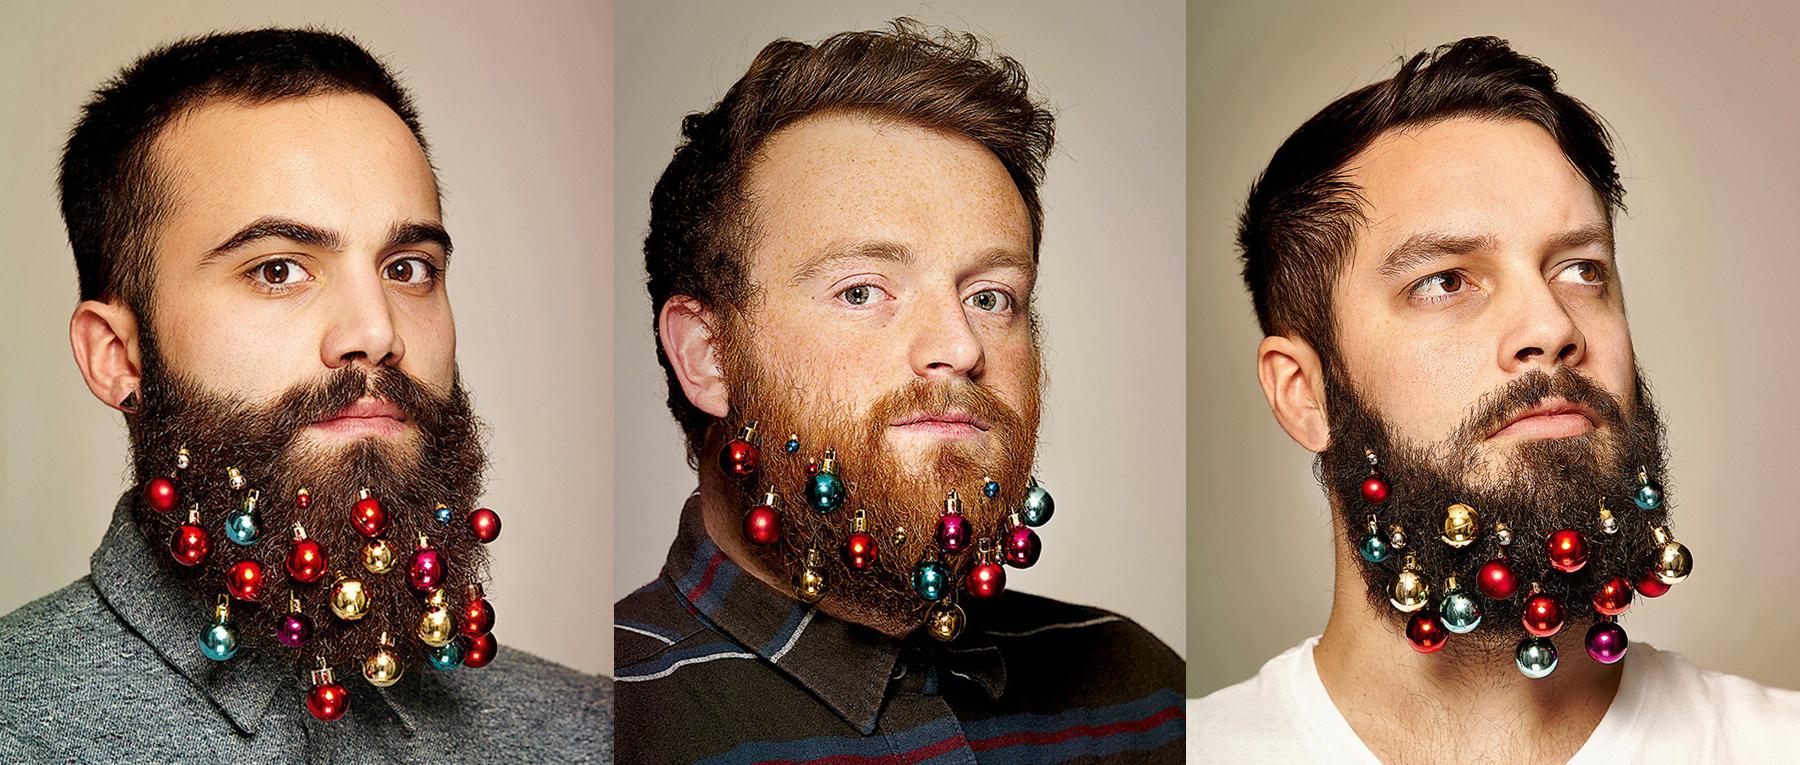 The Latest Beard Craze: Christmas Ornaments | Subtv